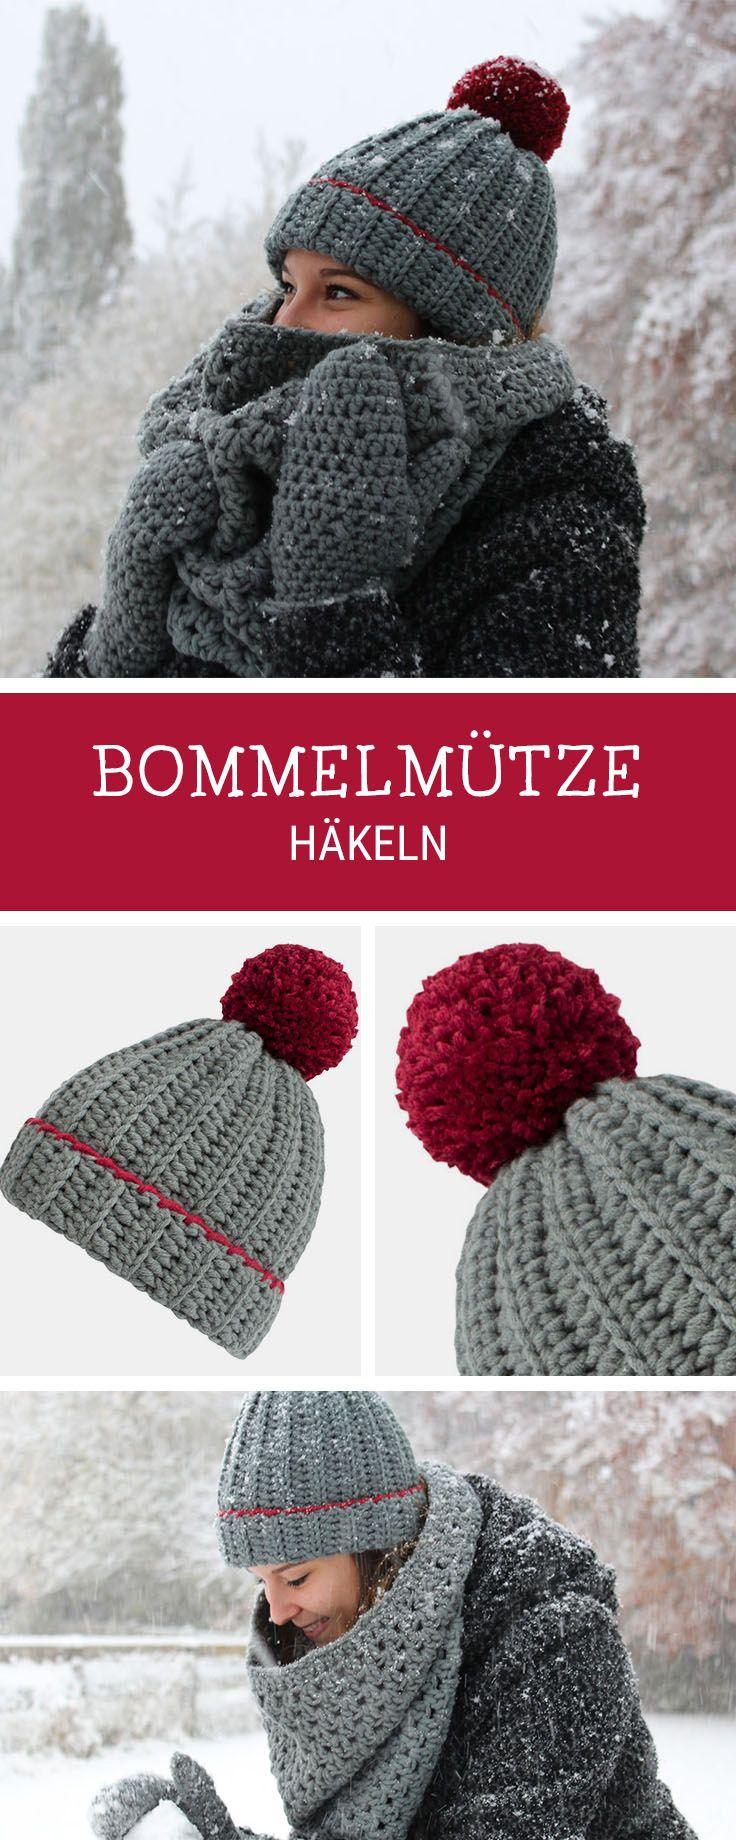 Häkelanleitung für eine kuschelige Mütze mit großer XXL Bommel / crocheting pattern for winterly beanie with pompom via DaWanda.com